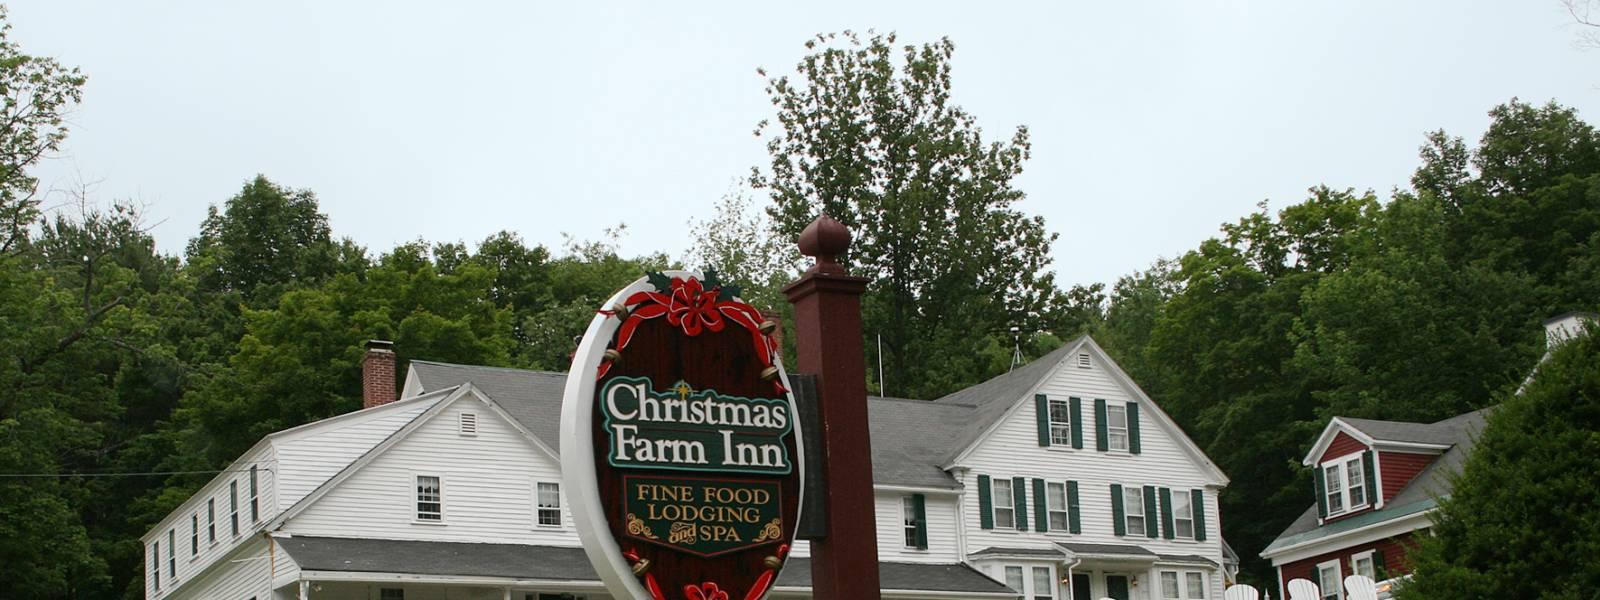 The Christmas Farm Inn & Spa